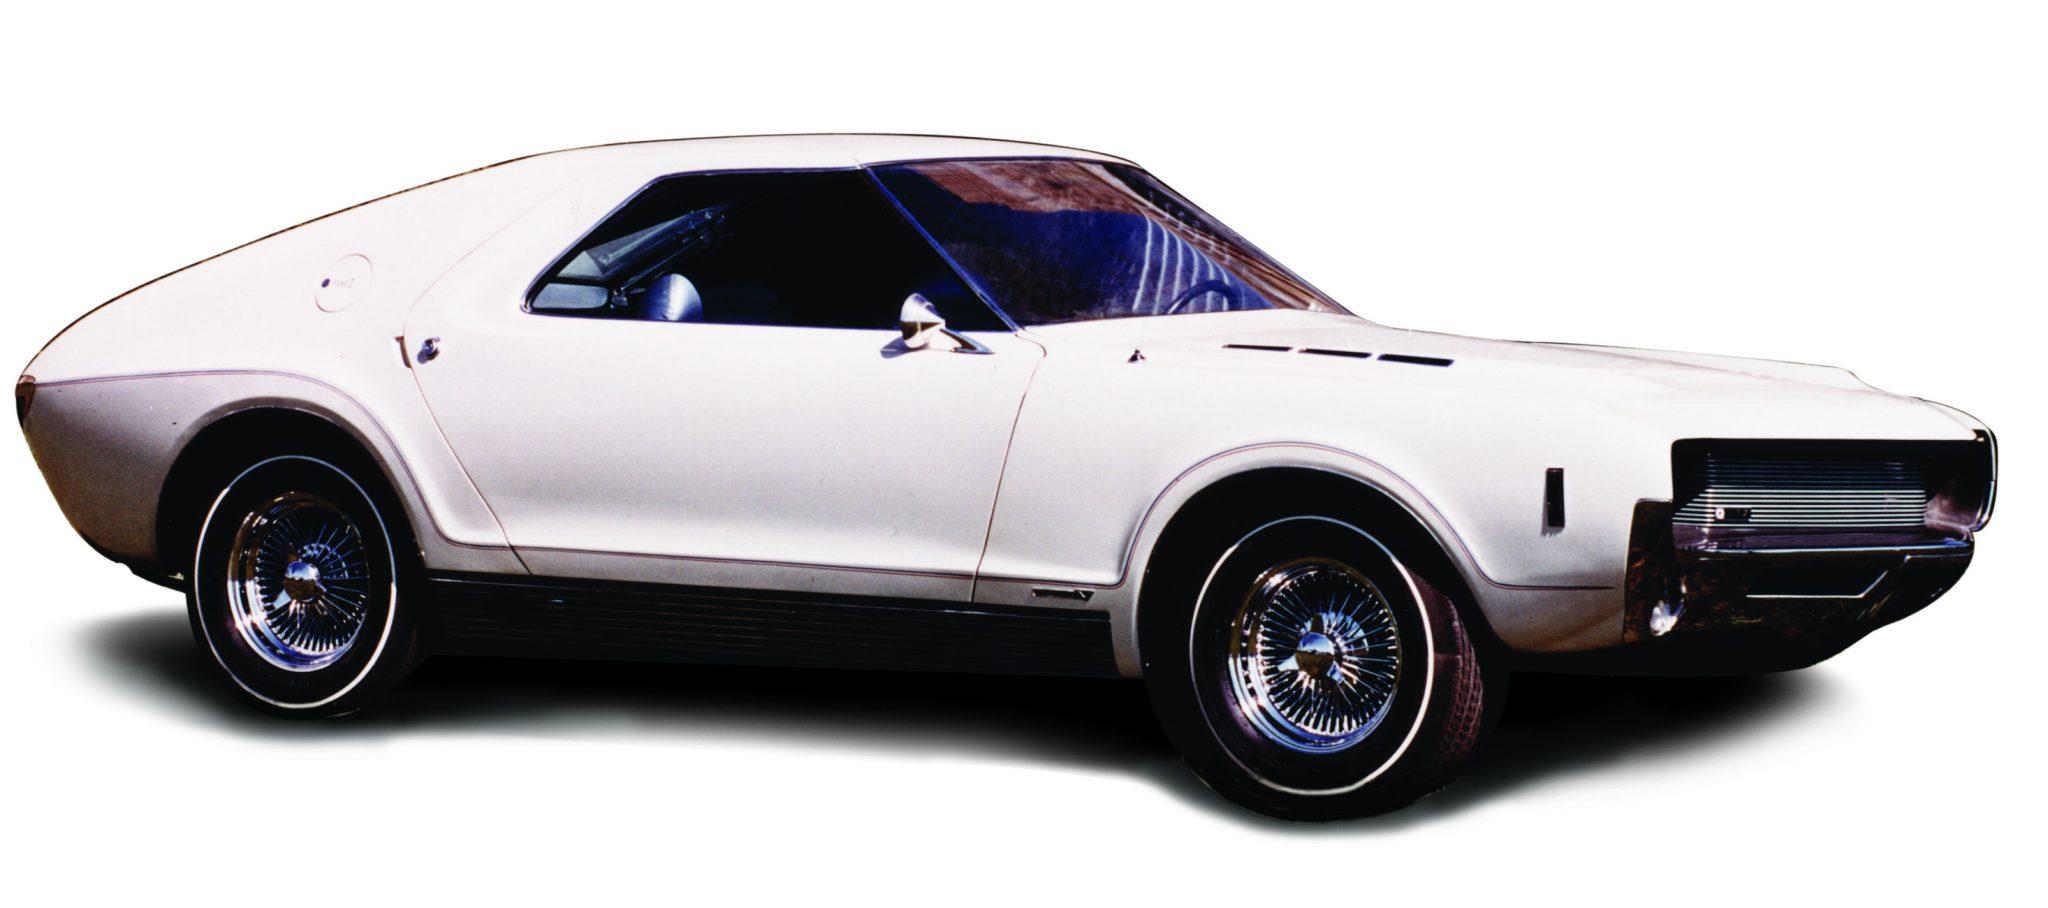 Pearl White Vignale AMX Show Car